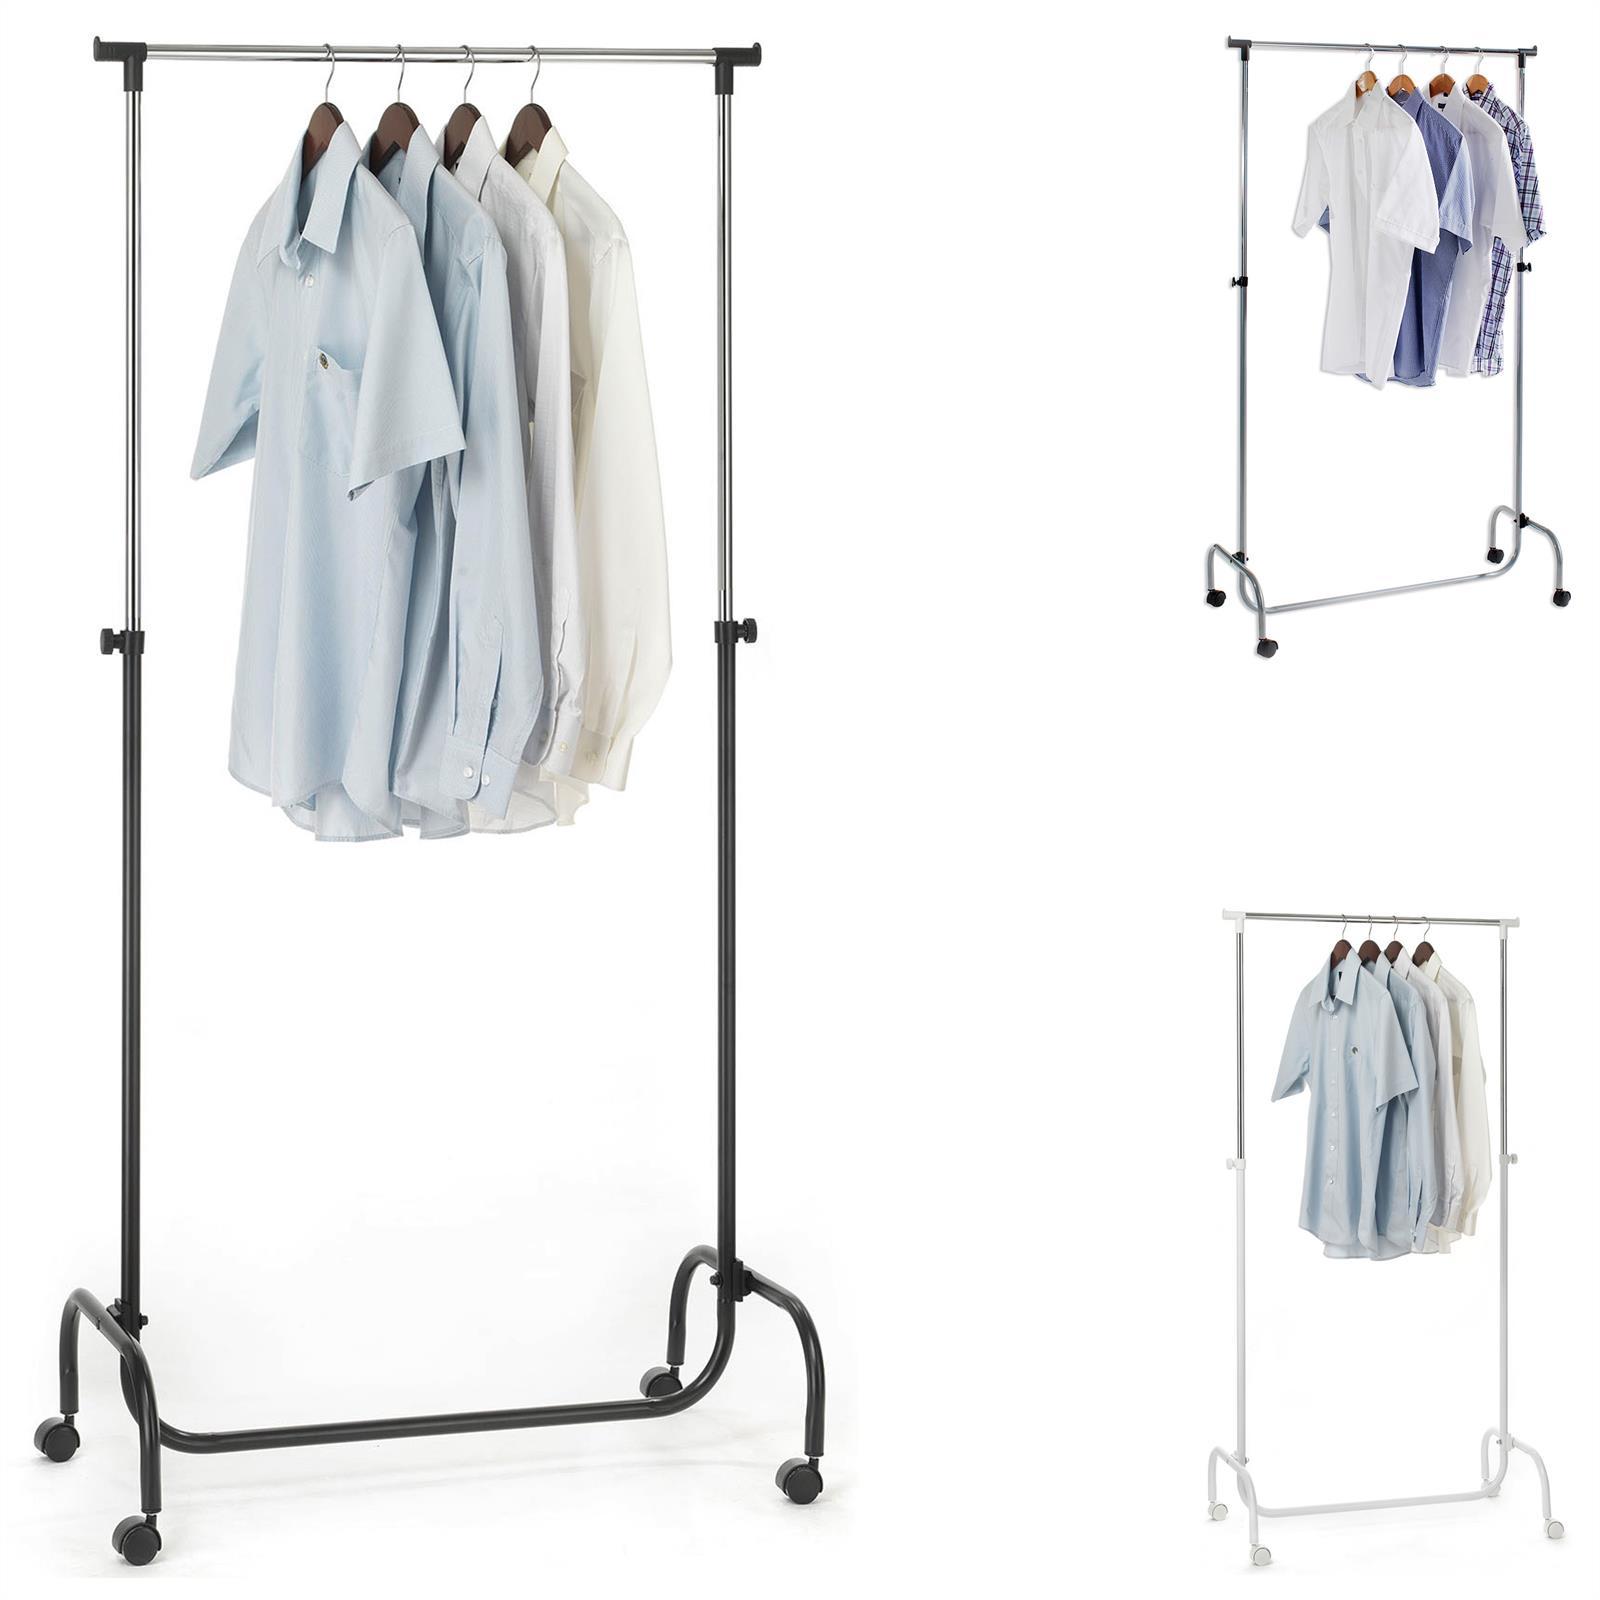 kleiderst nder auf rollen test vergleich kleiderst nder auf rollen g nstig kaufen. Black Bedroom Furniture Sets. Home Design Ideas